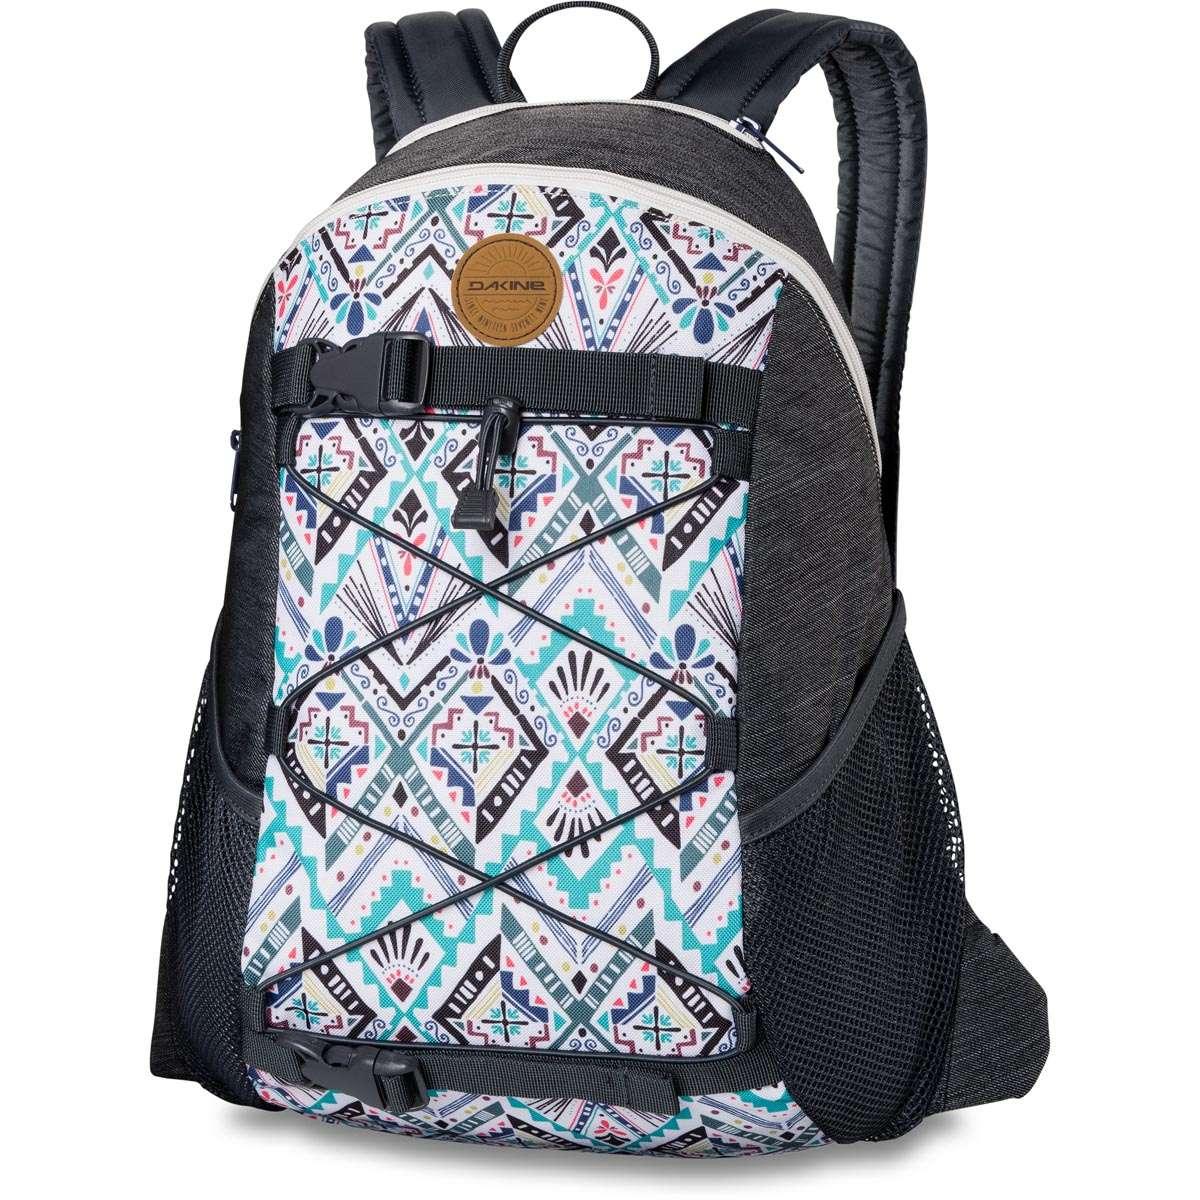 cfc8ed67f5543 dakine rucksack damen wonder pack viele Taschen Rucksäcke